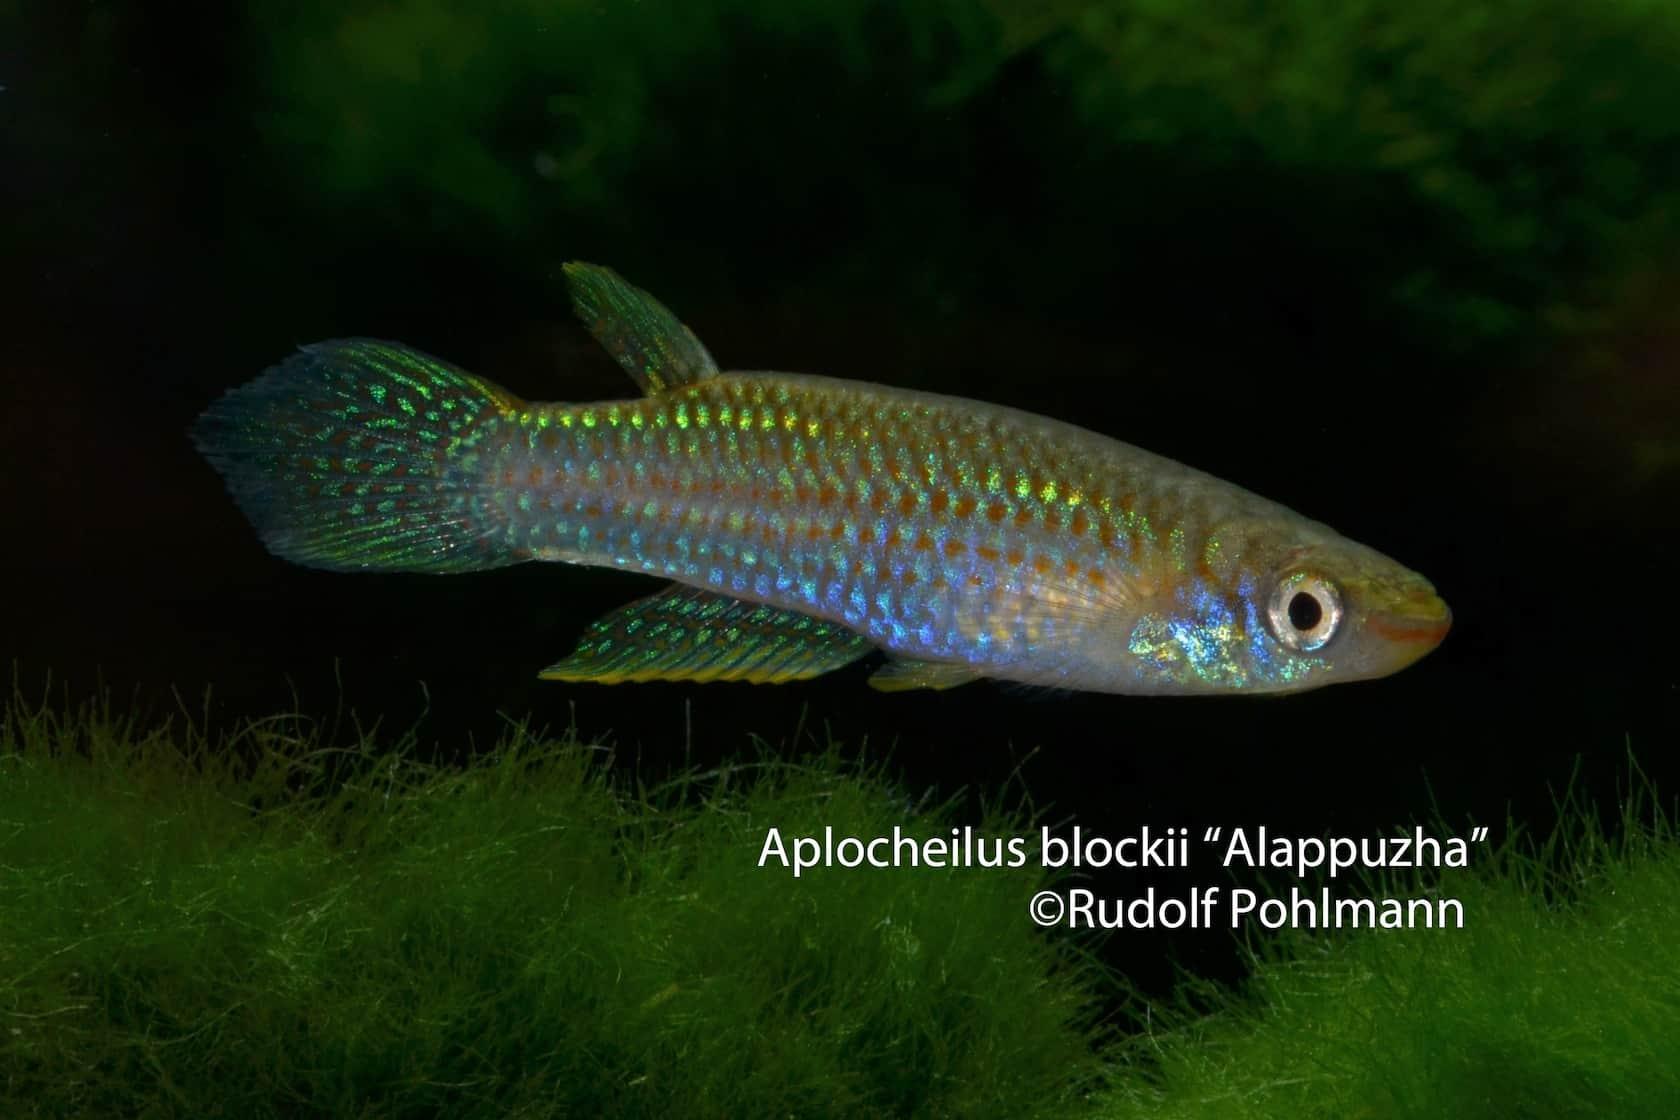 Aplocheilus-blockii-Alappuzha-a